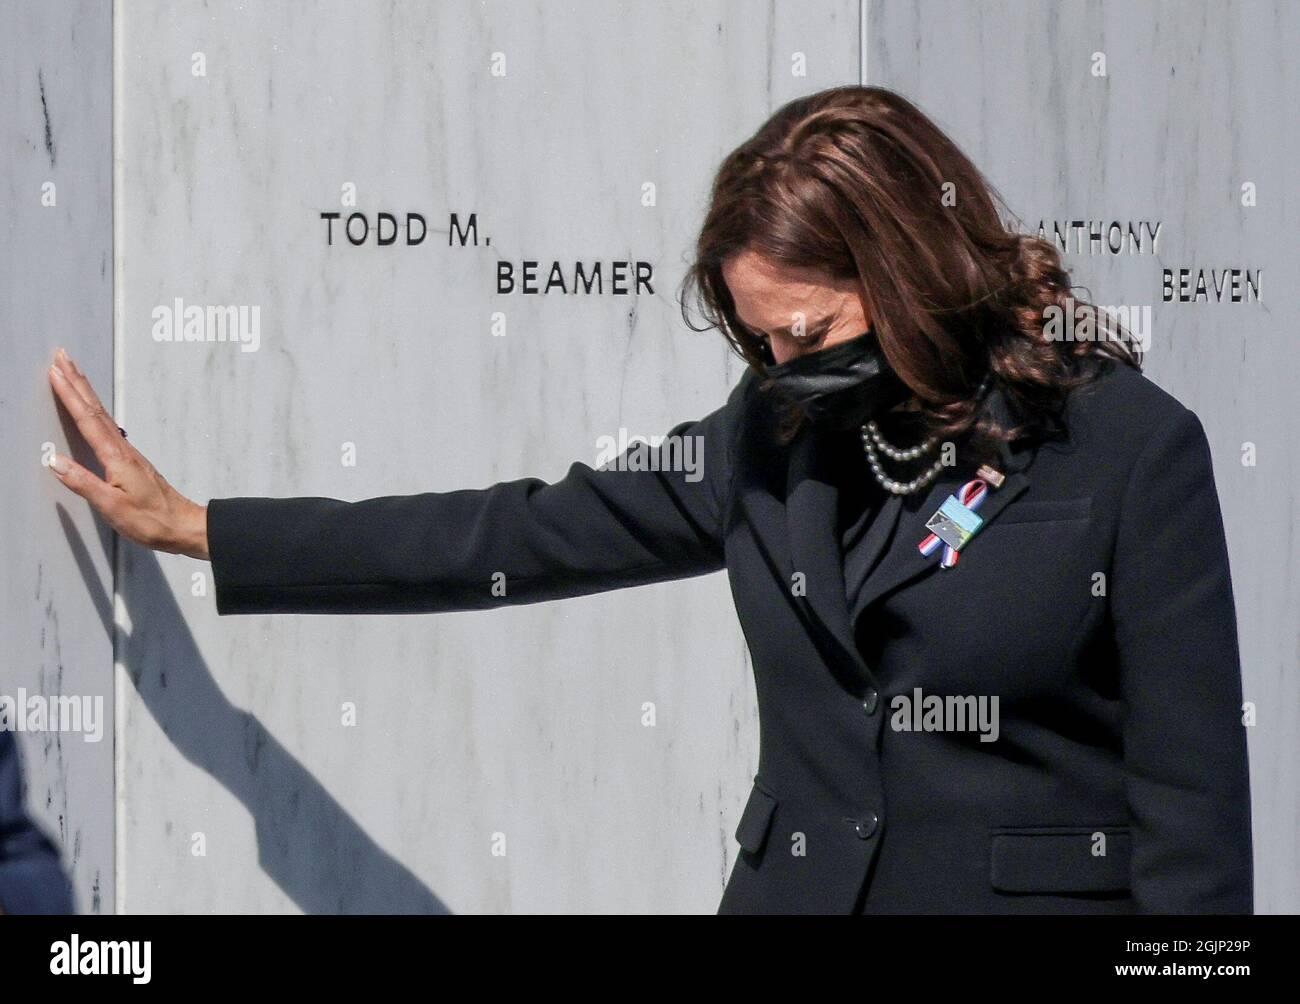 Le vice-président américain Kamala Harris touche le Monument commémoratif du vol 93 lors d'un événement commémorant le 20e anniversaire des attaques du 11 septembre 2001, à Stoystown, en Pennsylvanie, aux États-Unis, 11 septembre 2021. REUTERS/Evelyn Hockstein Banque D'Images